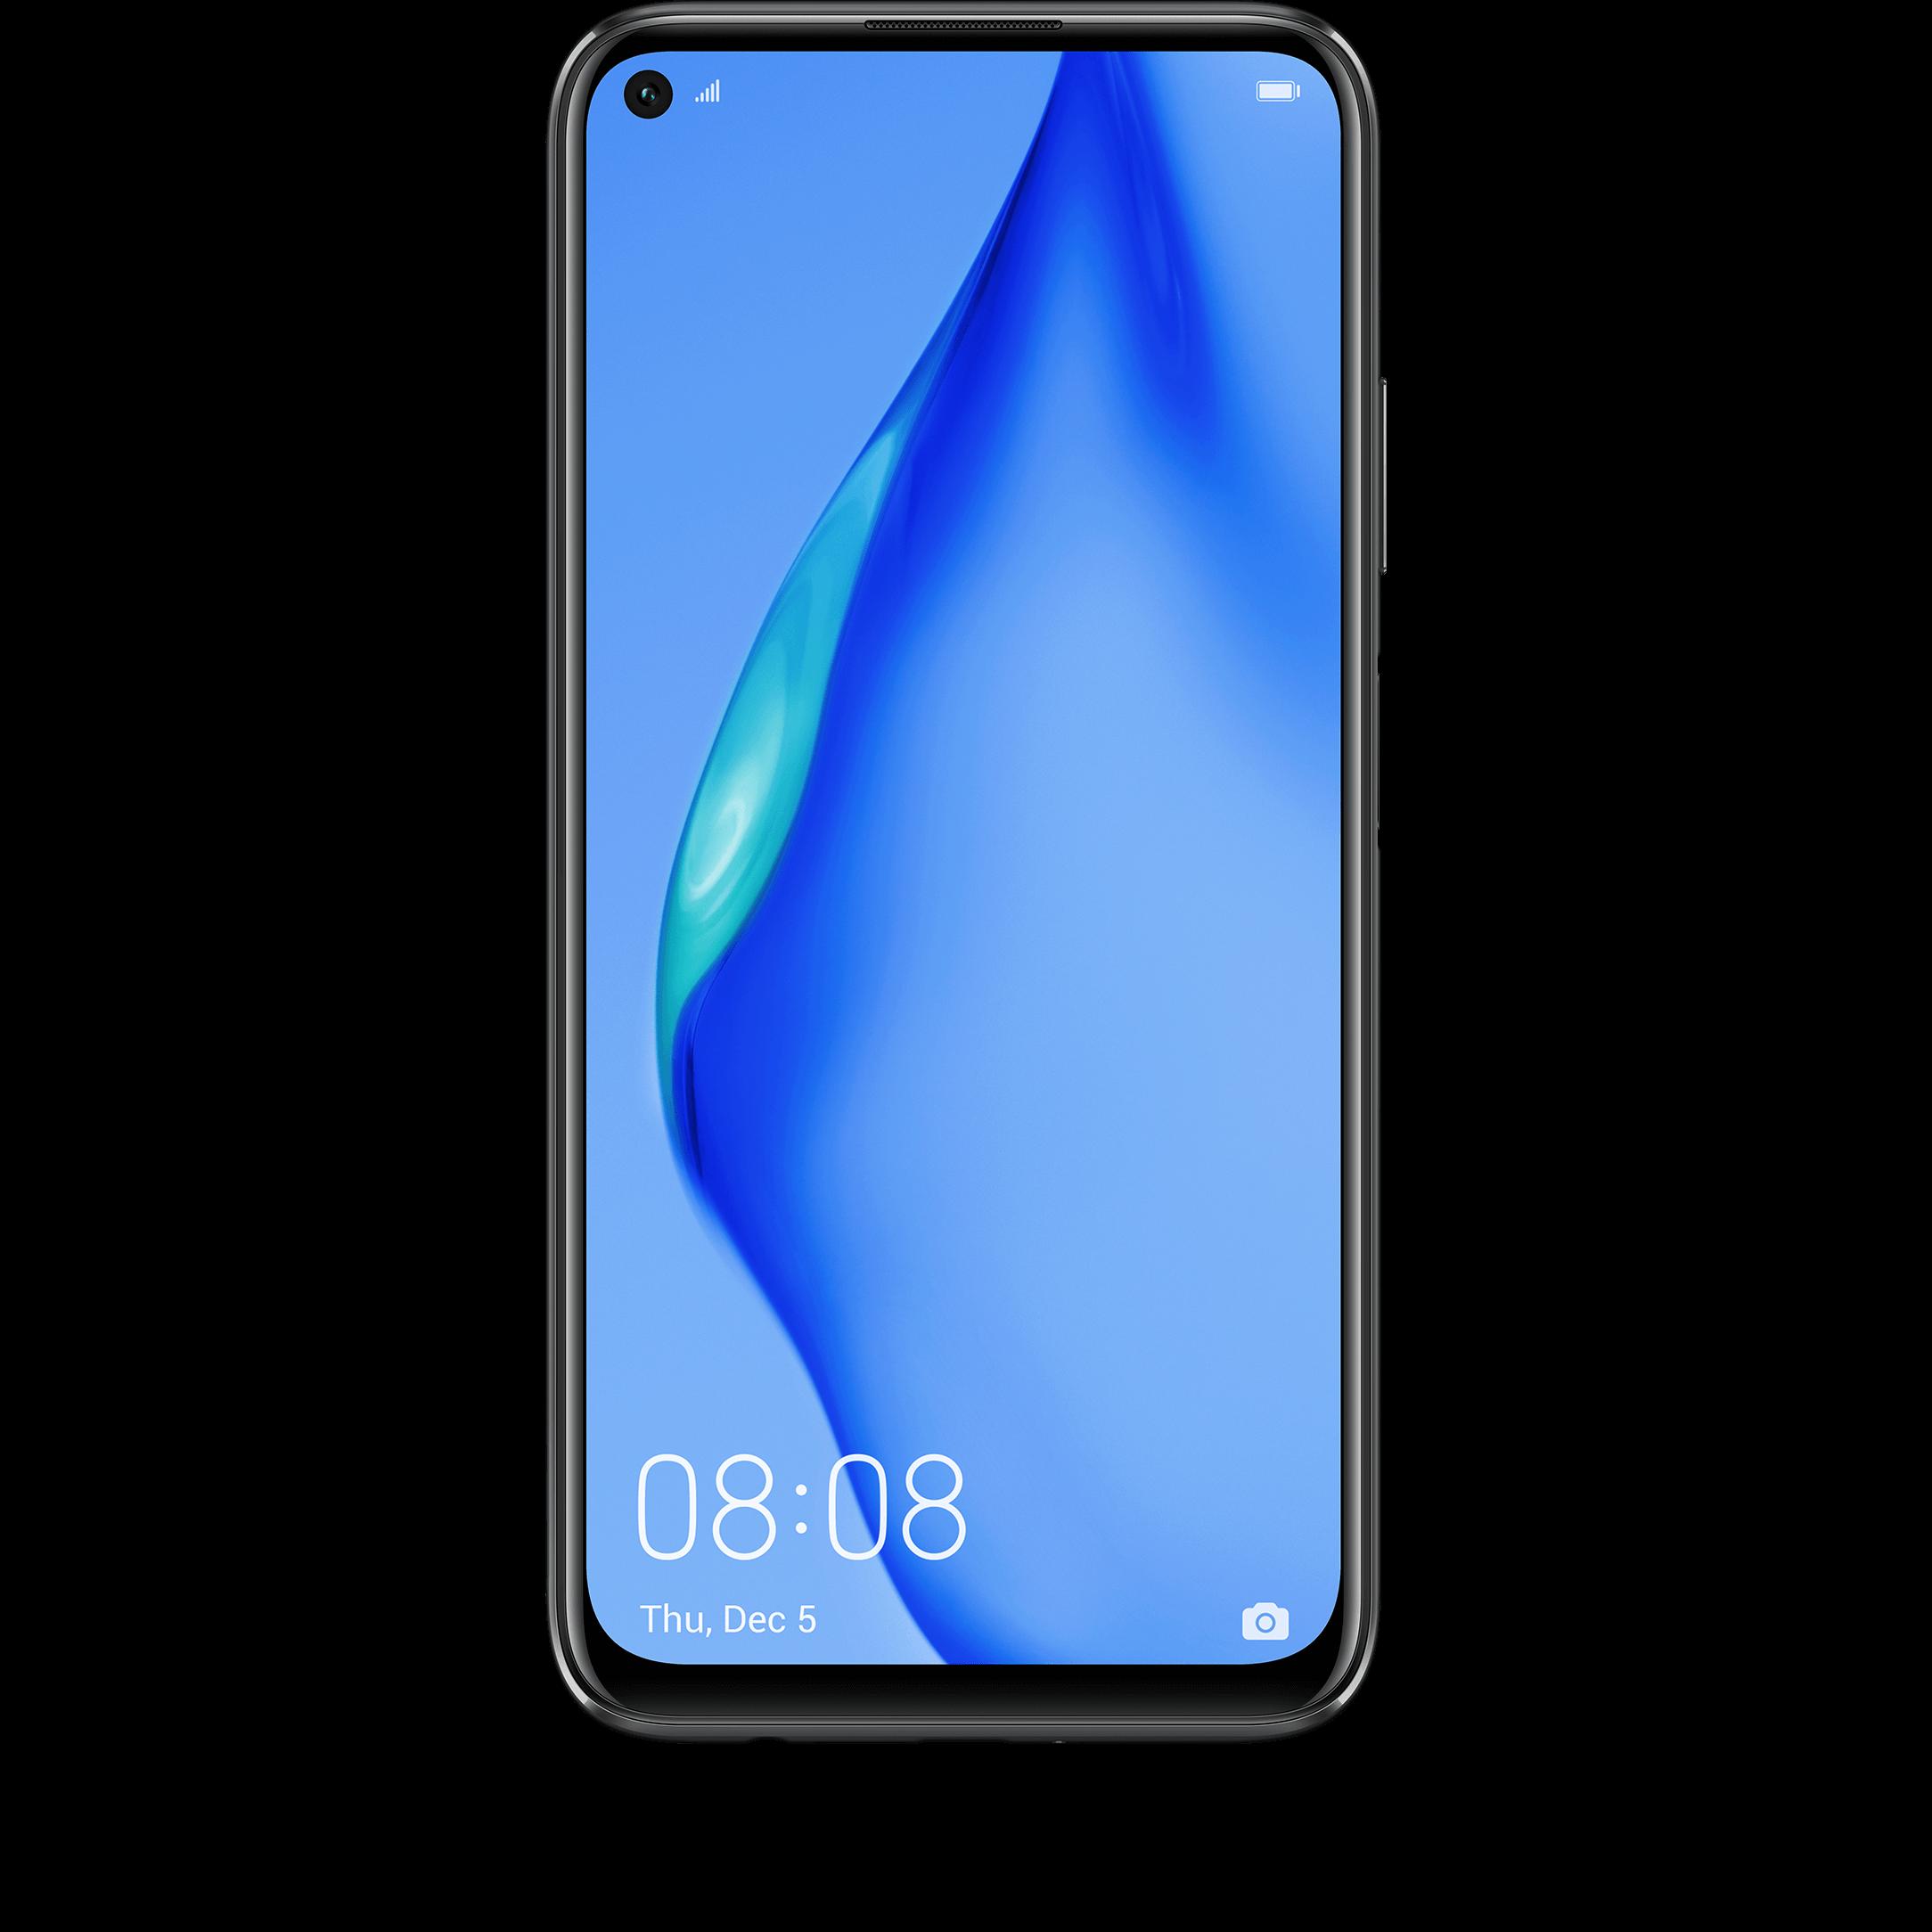 Günstig Kaufen beim Preisvergleich-Huawei P40 lite 128 GB schwarz mit Allnet Flat L